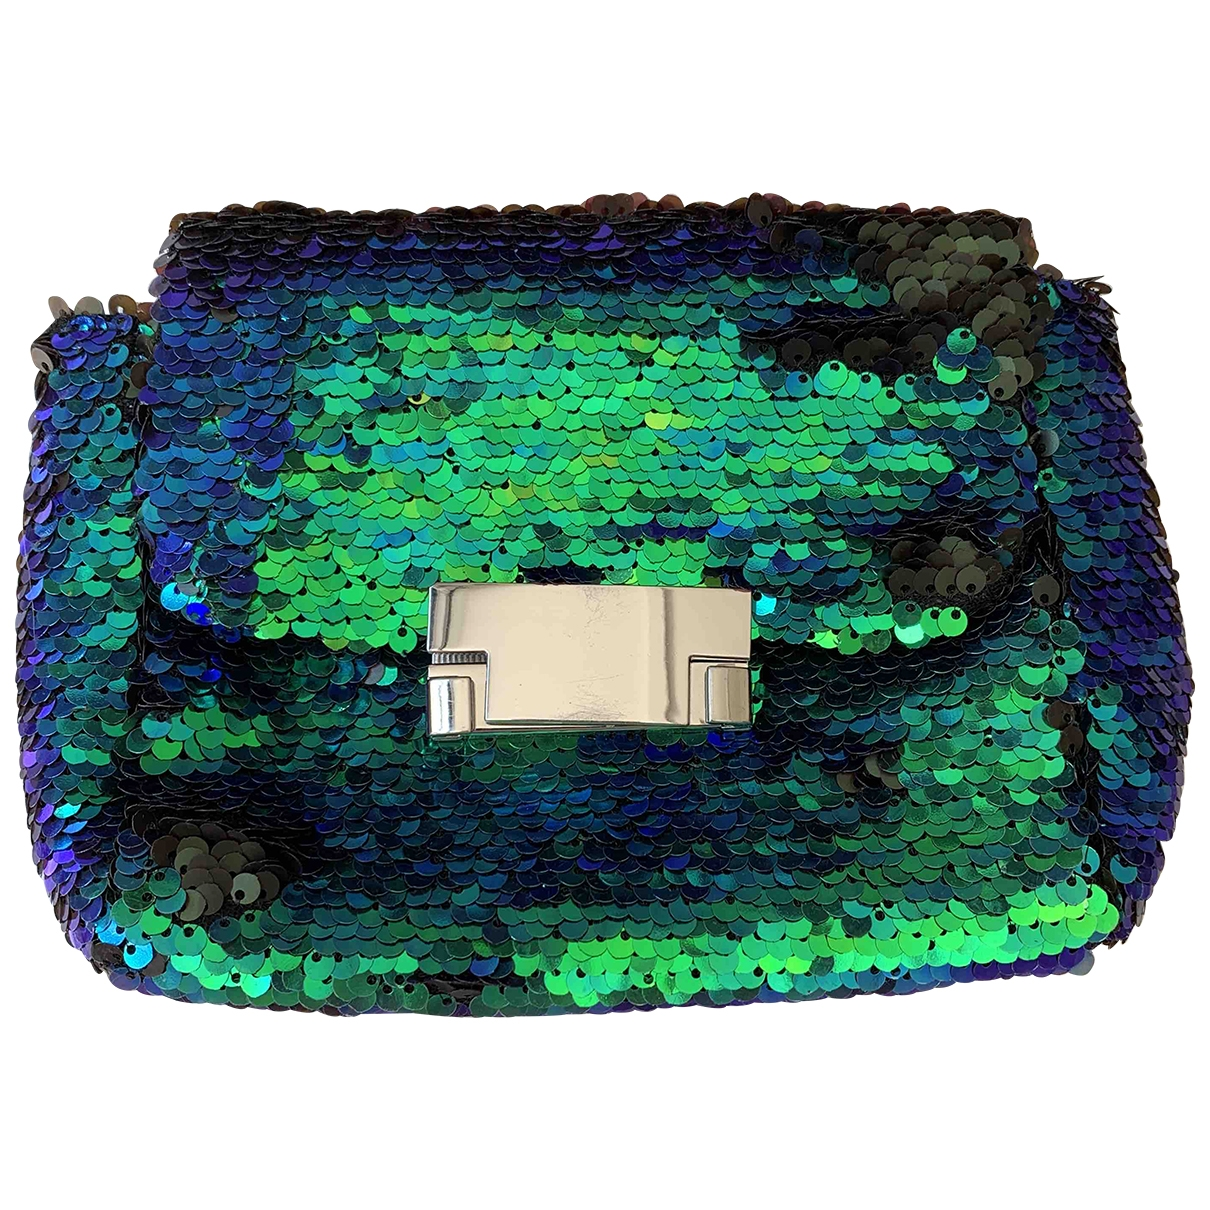 Topshop - Pochette   pour femme en a paillettes - multicolore